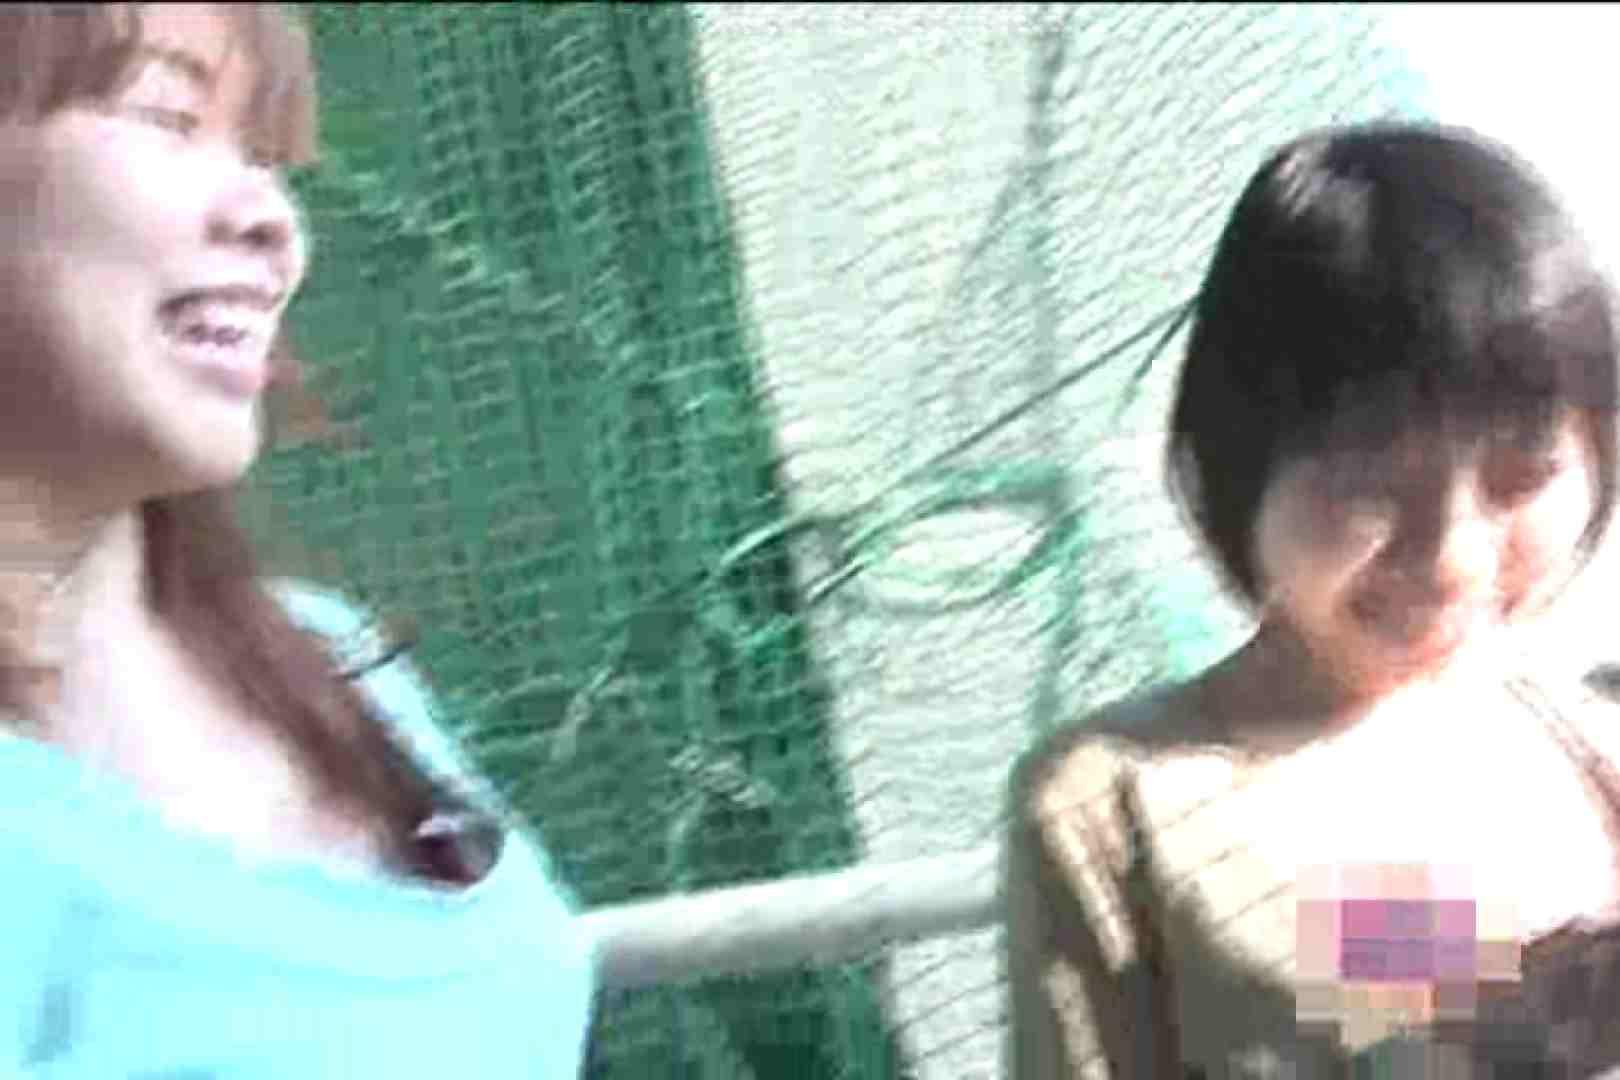 大胆露出胸チラギャル大量発生中!!Vol.6 現役ギャル オマンコ動画キャプチャ 103pic 33